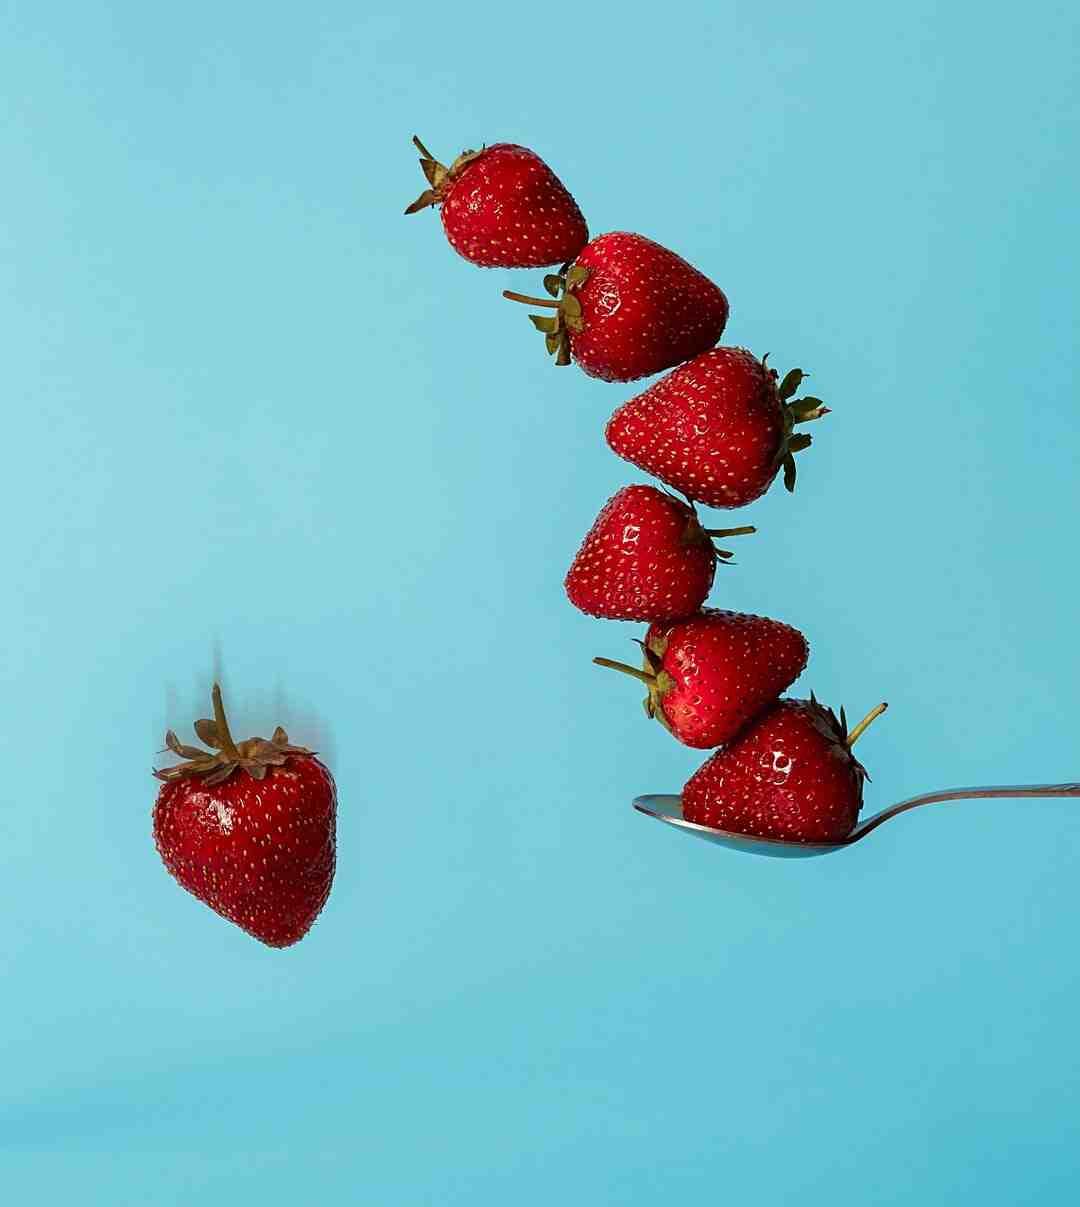 Comment faire pousser des fraises facilement ?